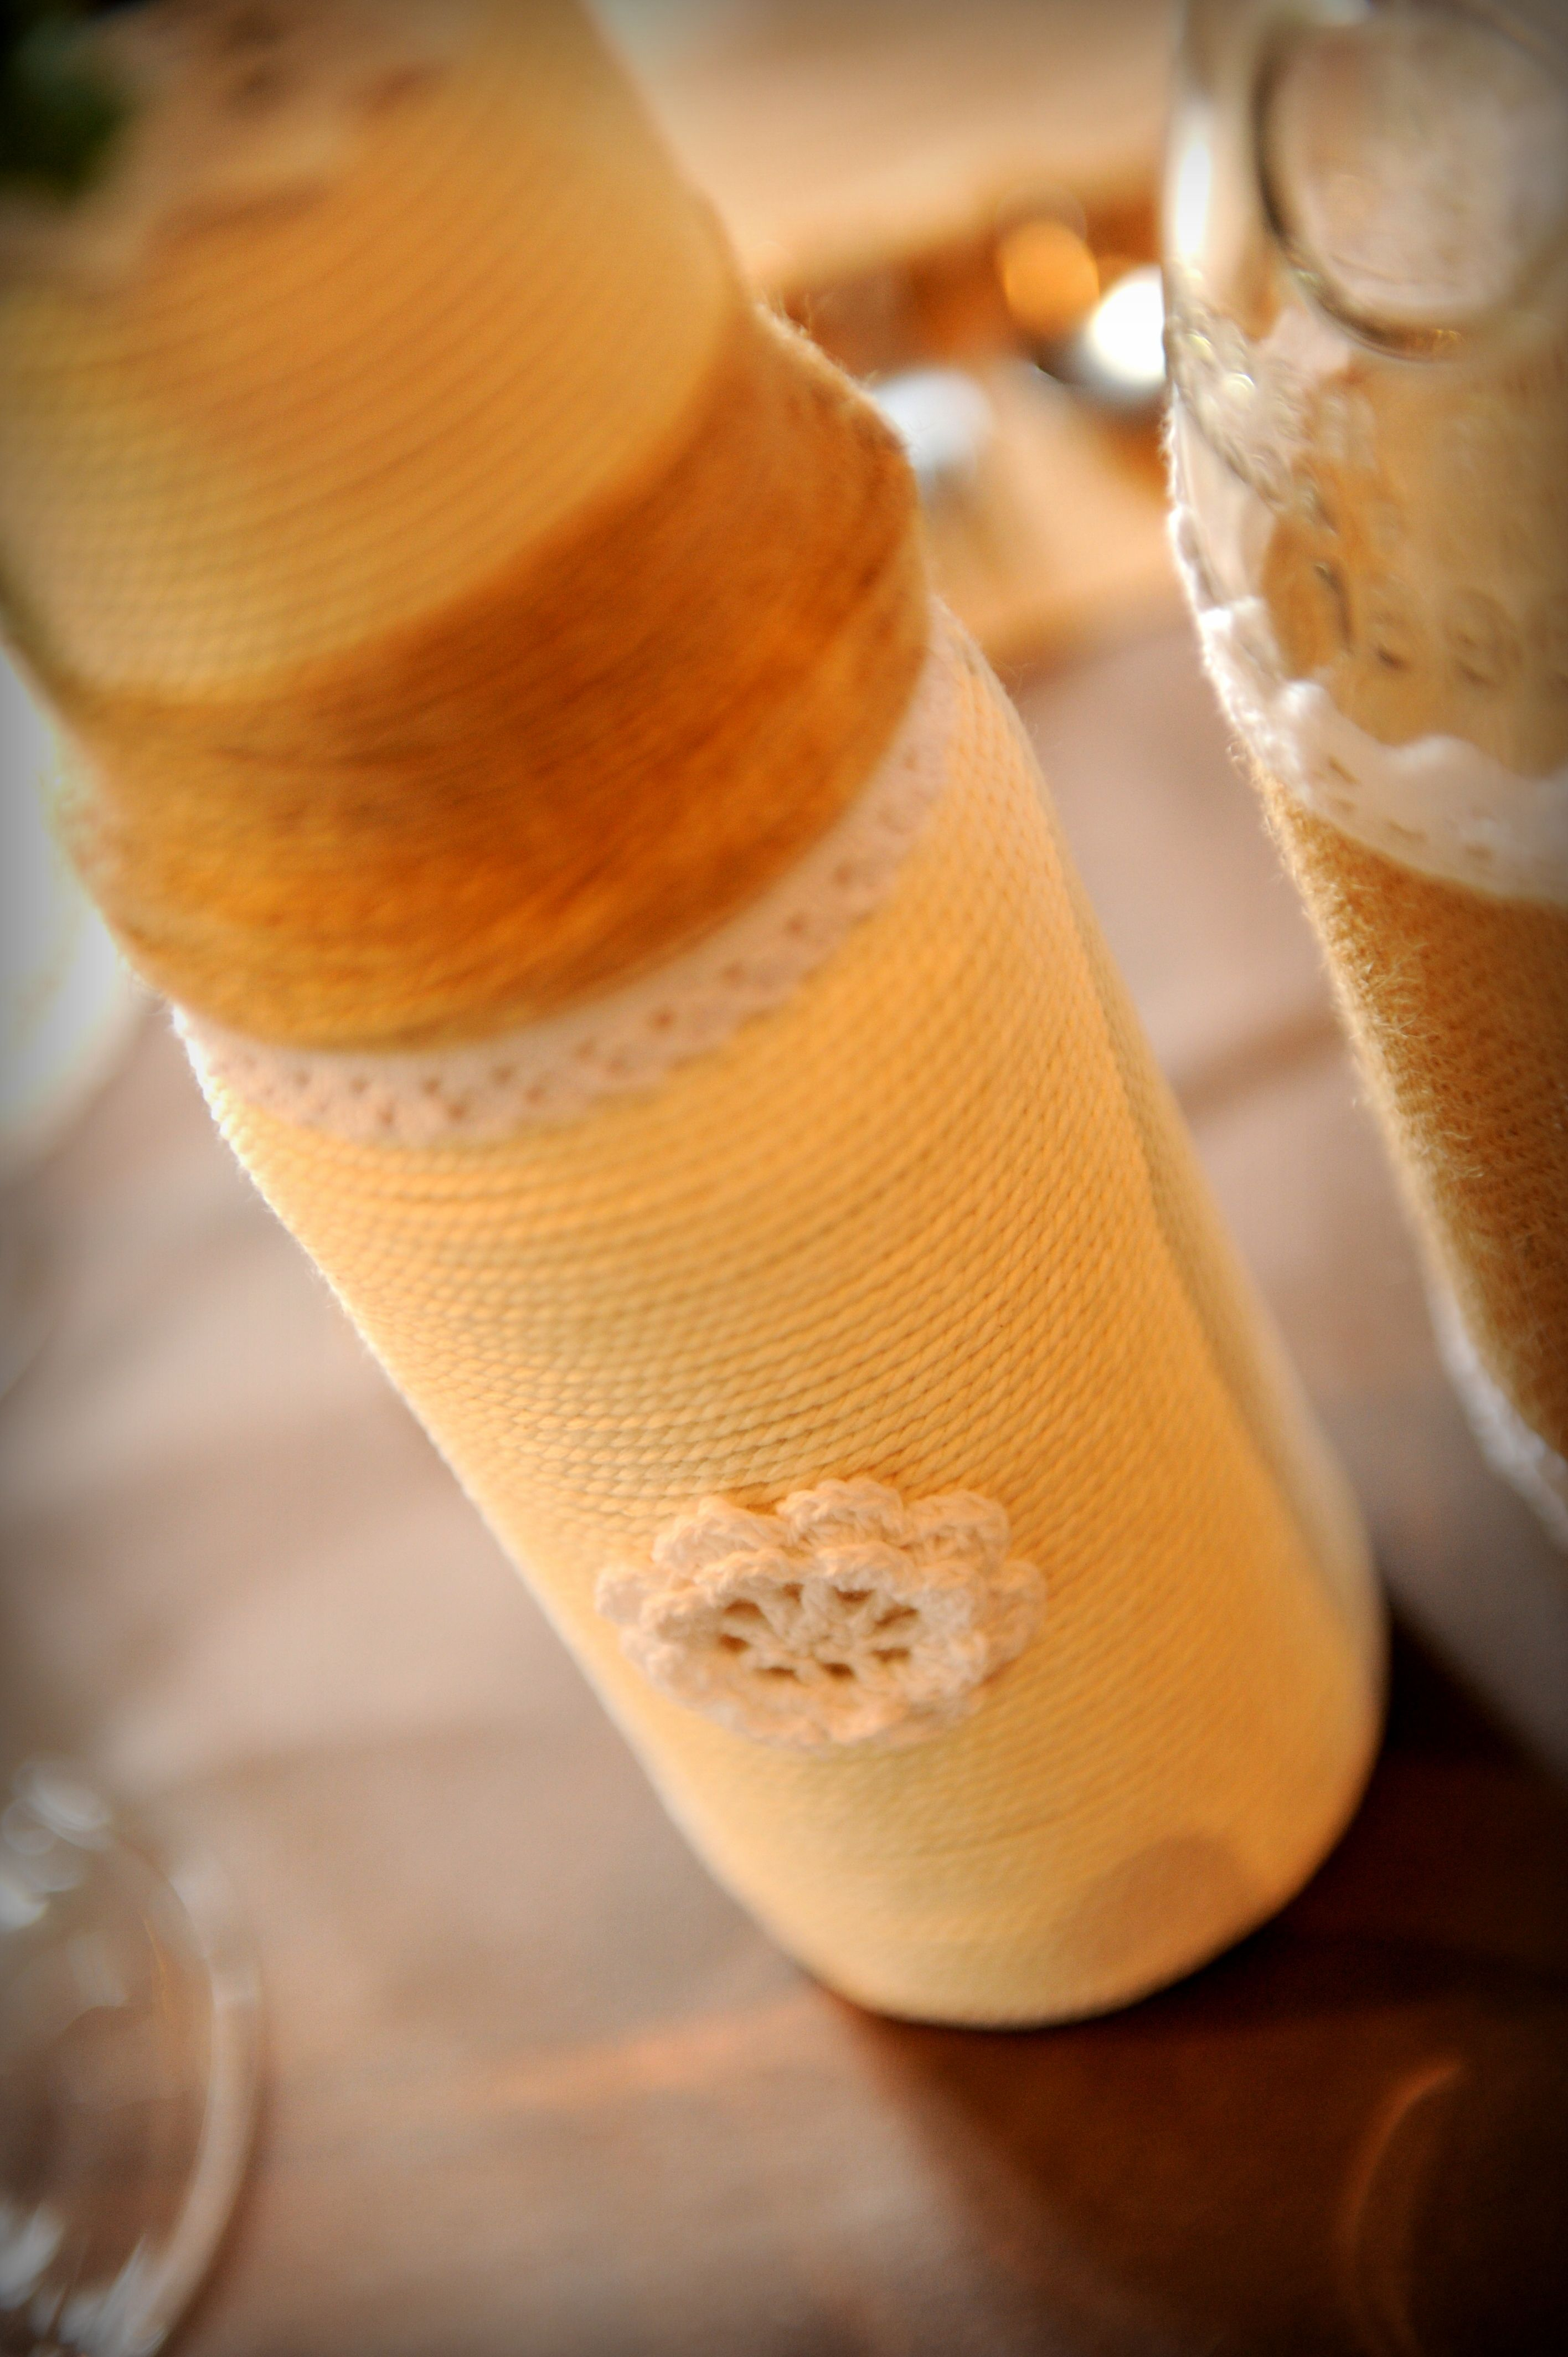 pot de coulis de tomate revisité en vase dentelle crochet ficelle corde